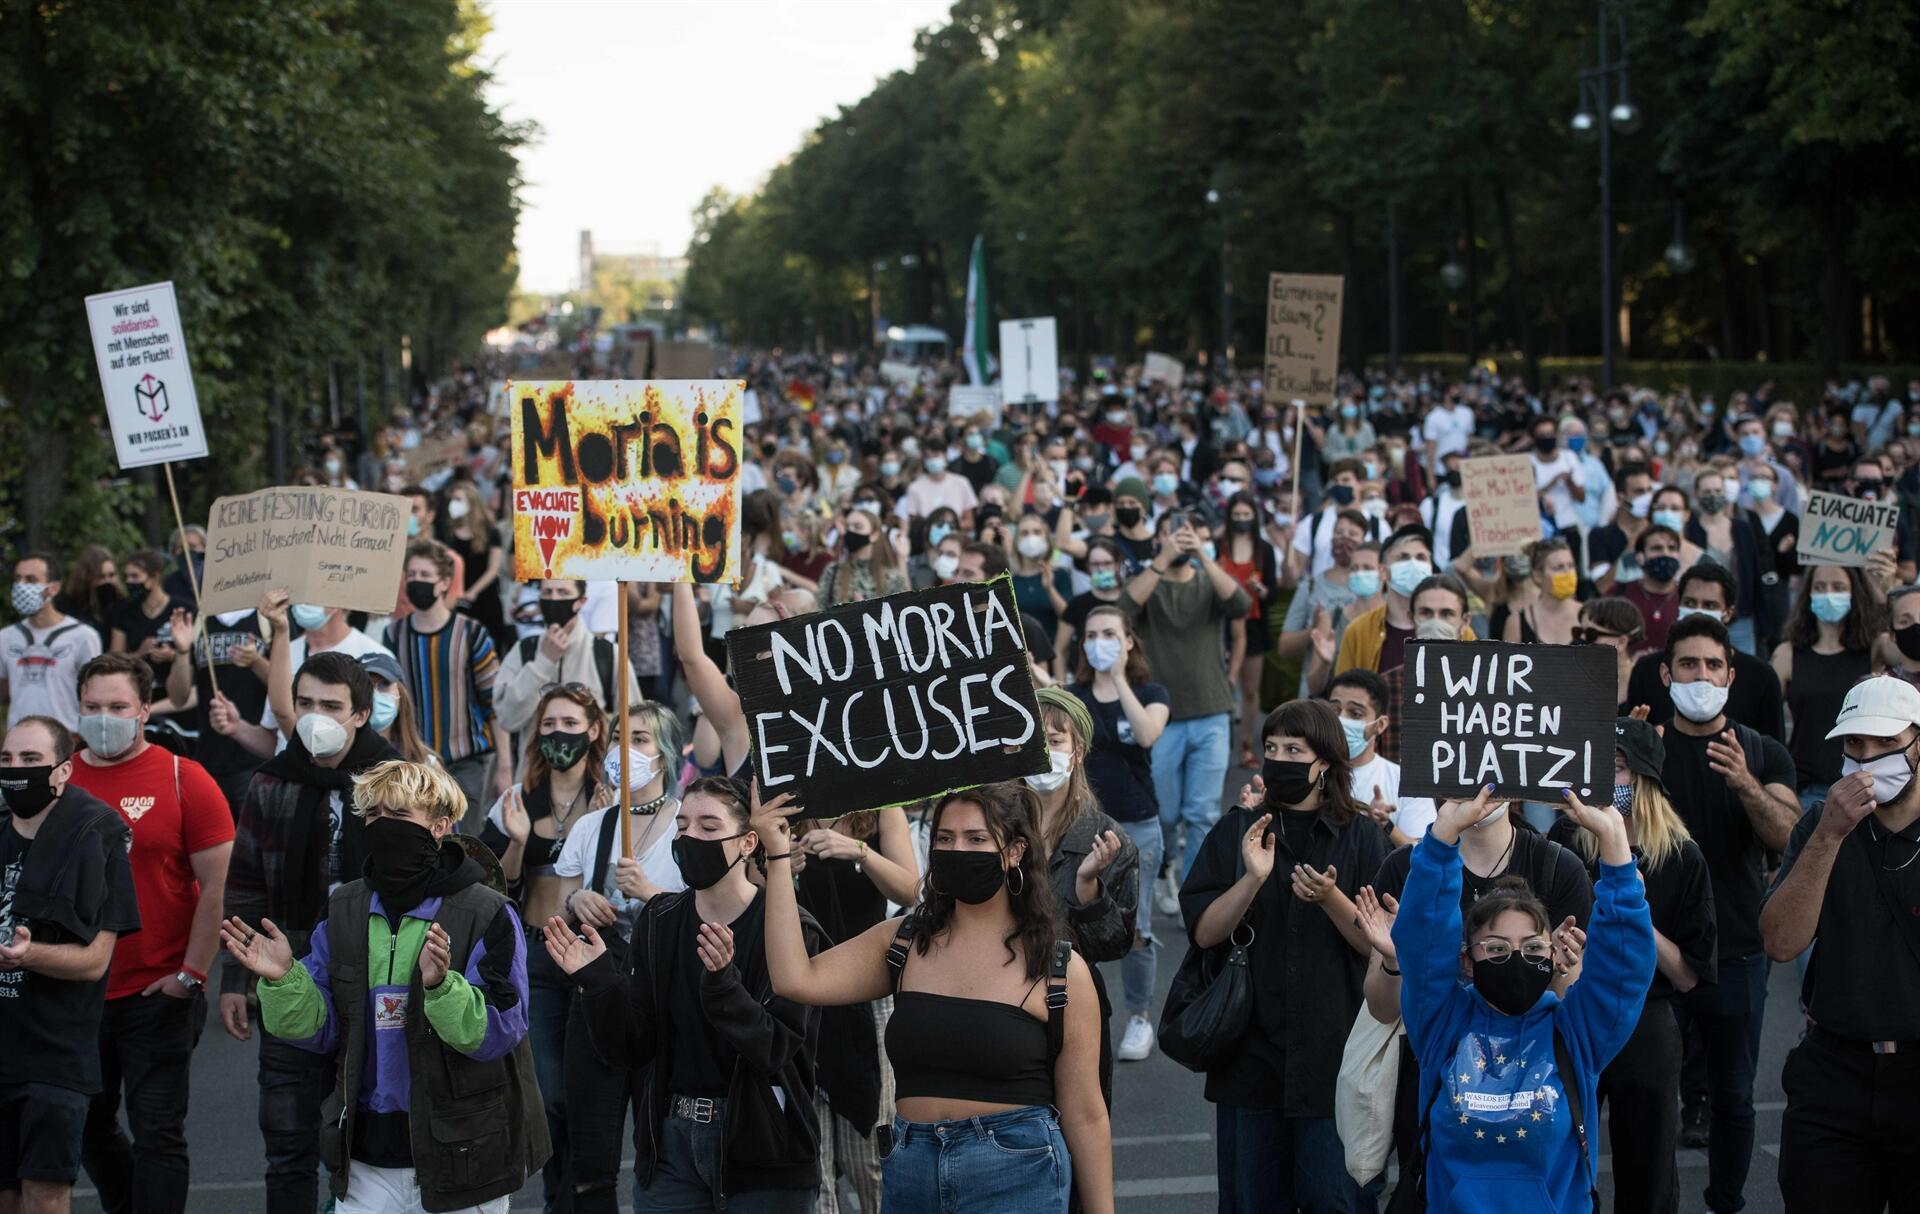 مظاهرة بالآلاف في ألمانيا لمطالبة الاتحاد الأوروبي باستقبال لاجئي موريا